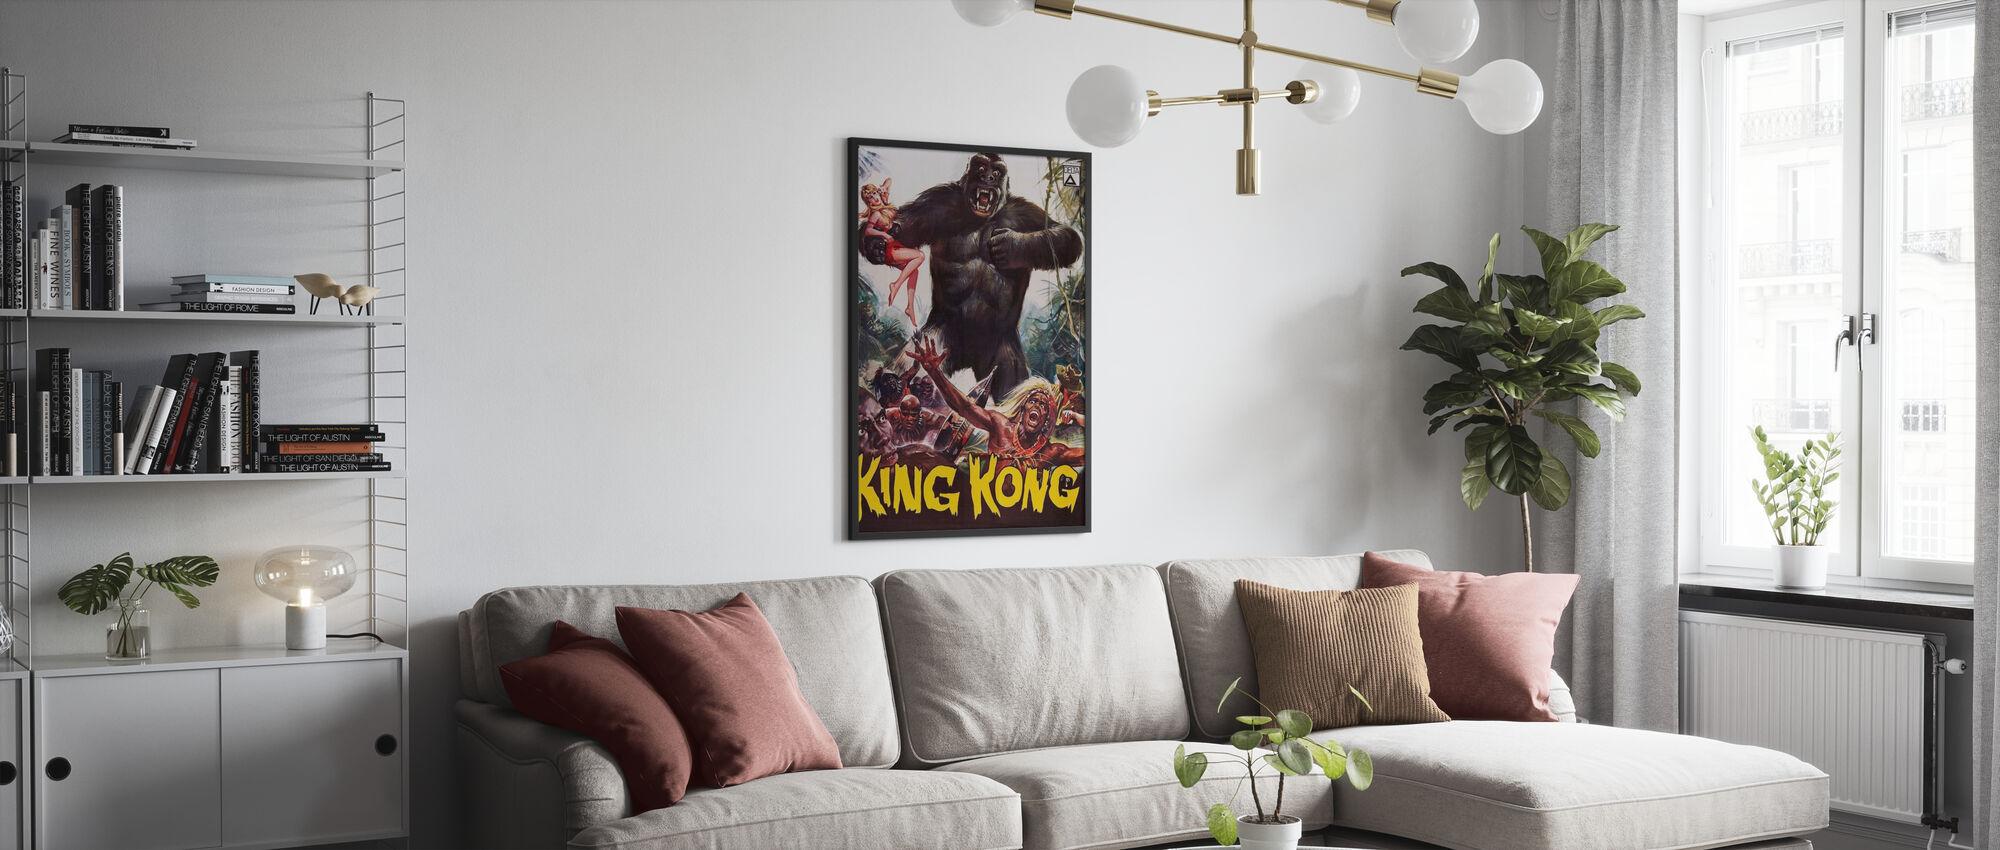 King Kong II - Poster - Wohnzimmer